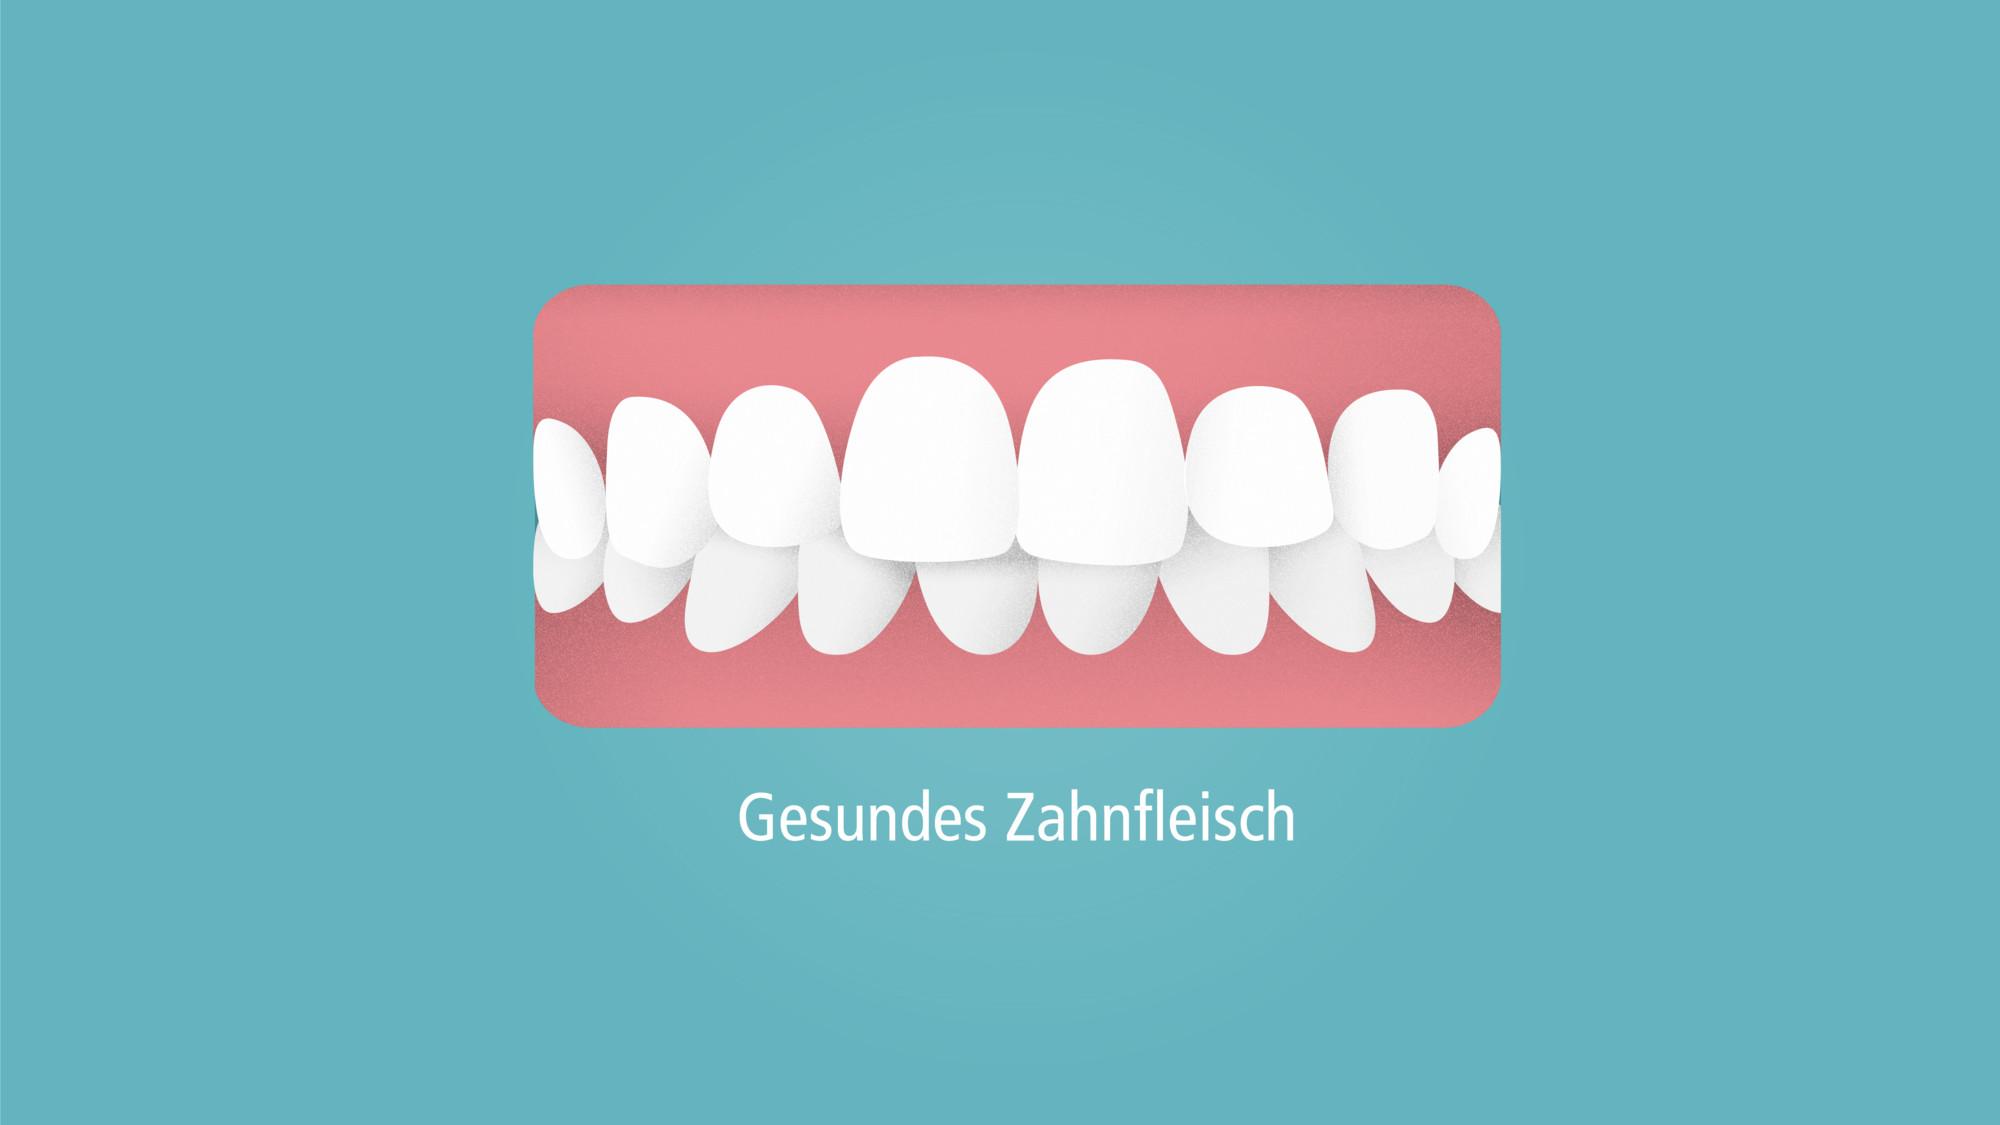 rs2853_parodontitis-gesundes-zahnfleisch-001.jpg-lpr